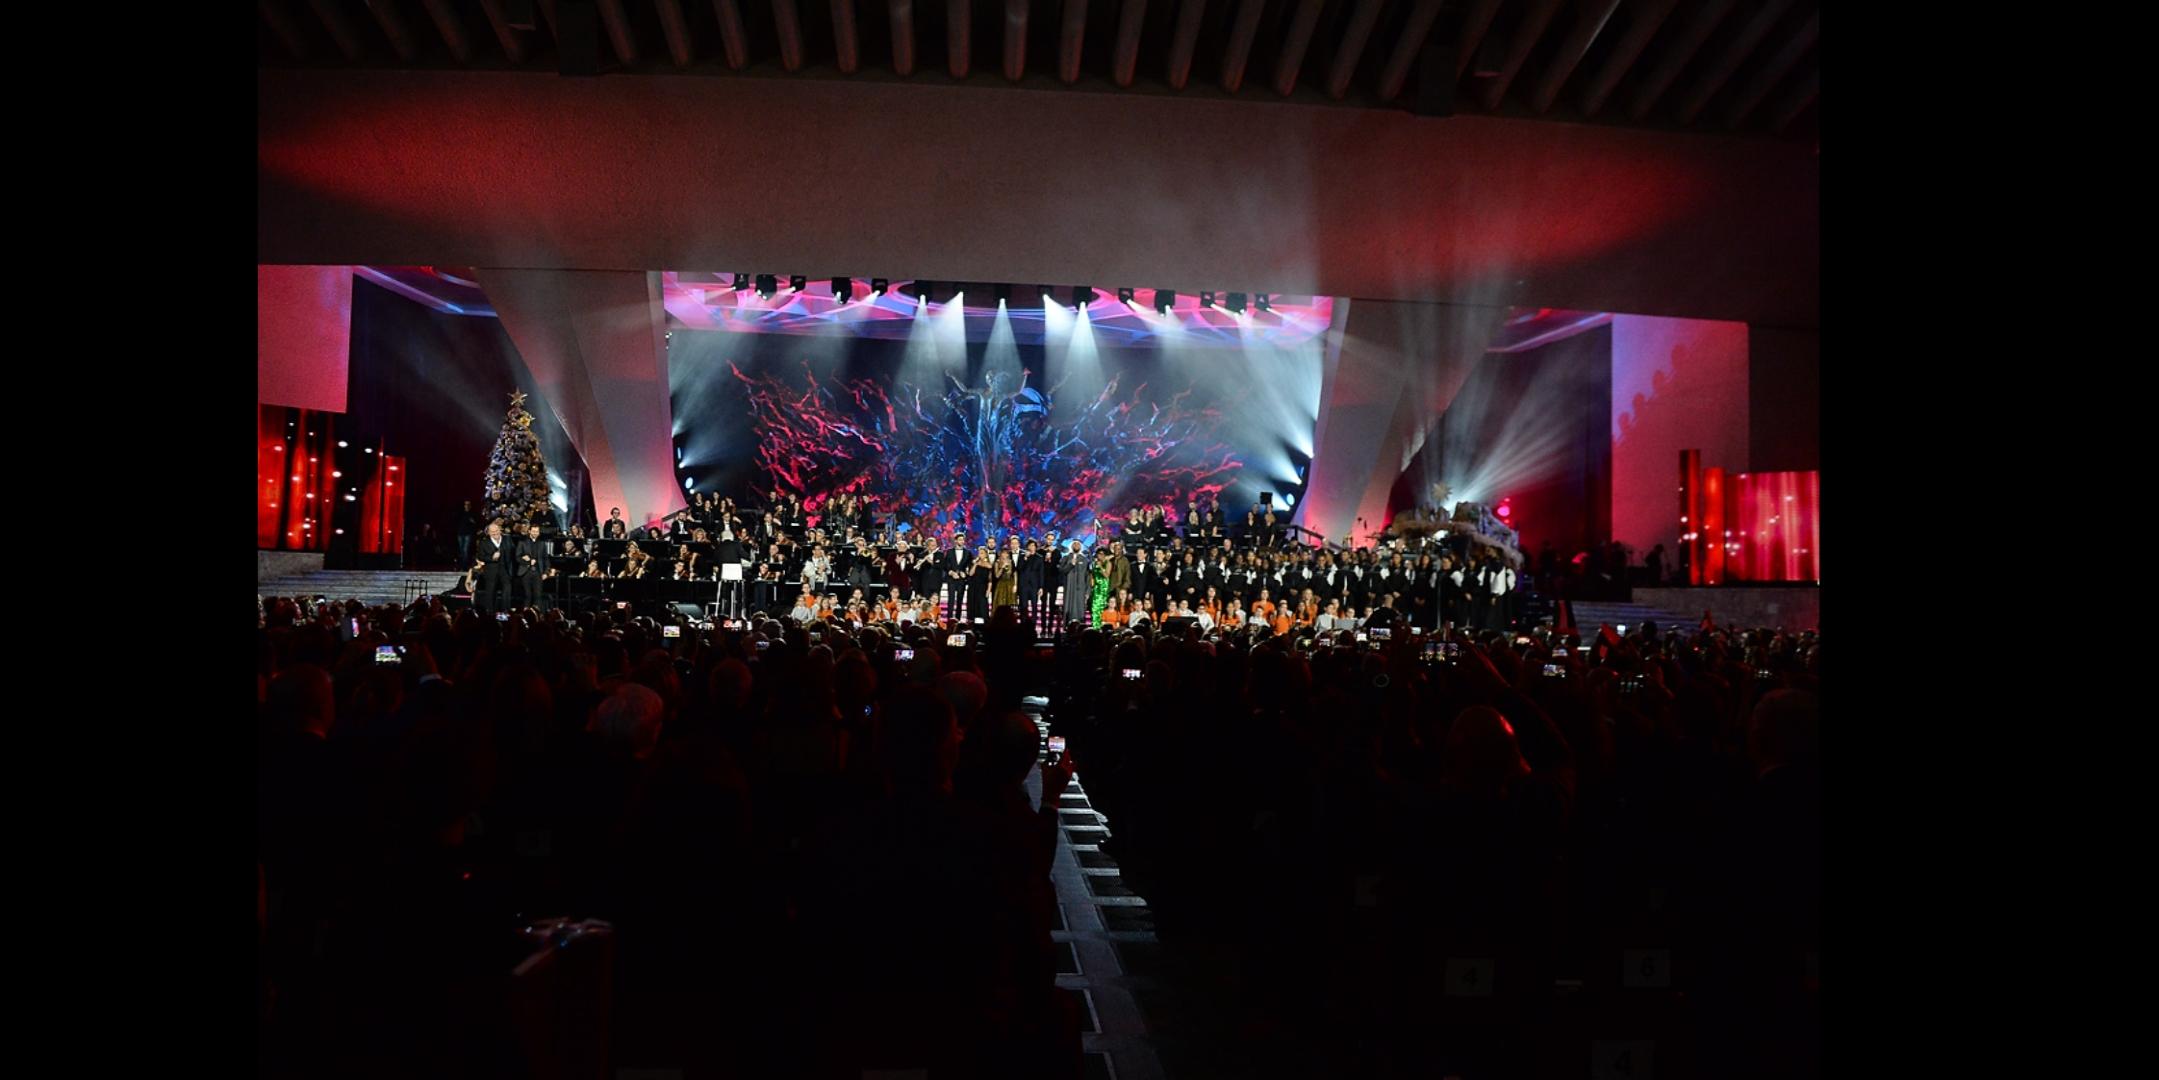 Concerto di Natale in Vaticano: orari, cantanti, scaletta